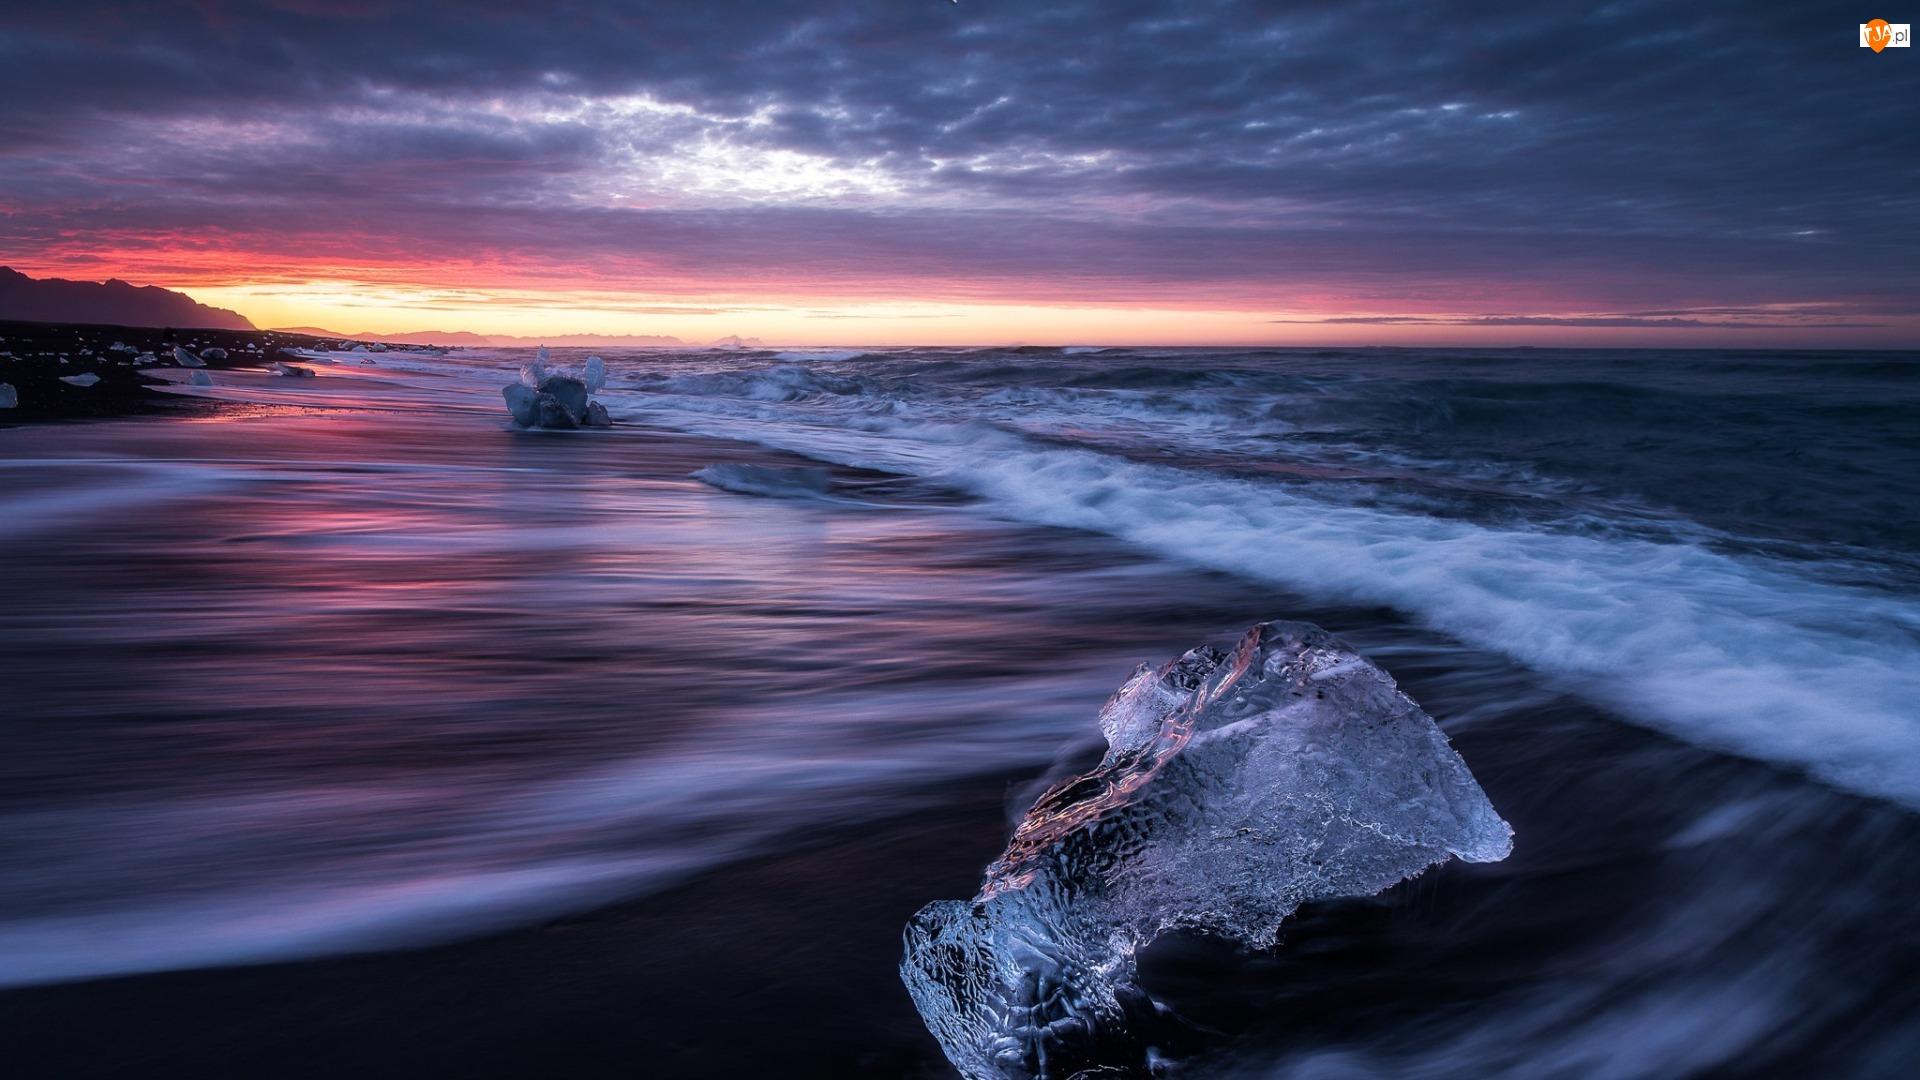 Lodu, Morze, Zachód słońca, Plaża, Bryły